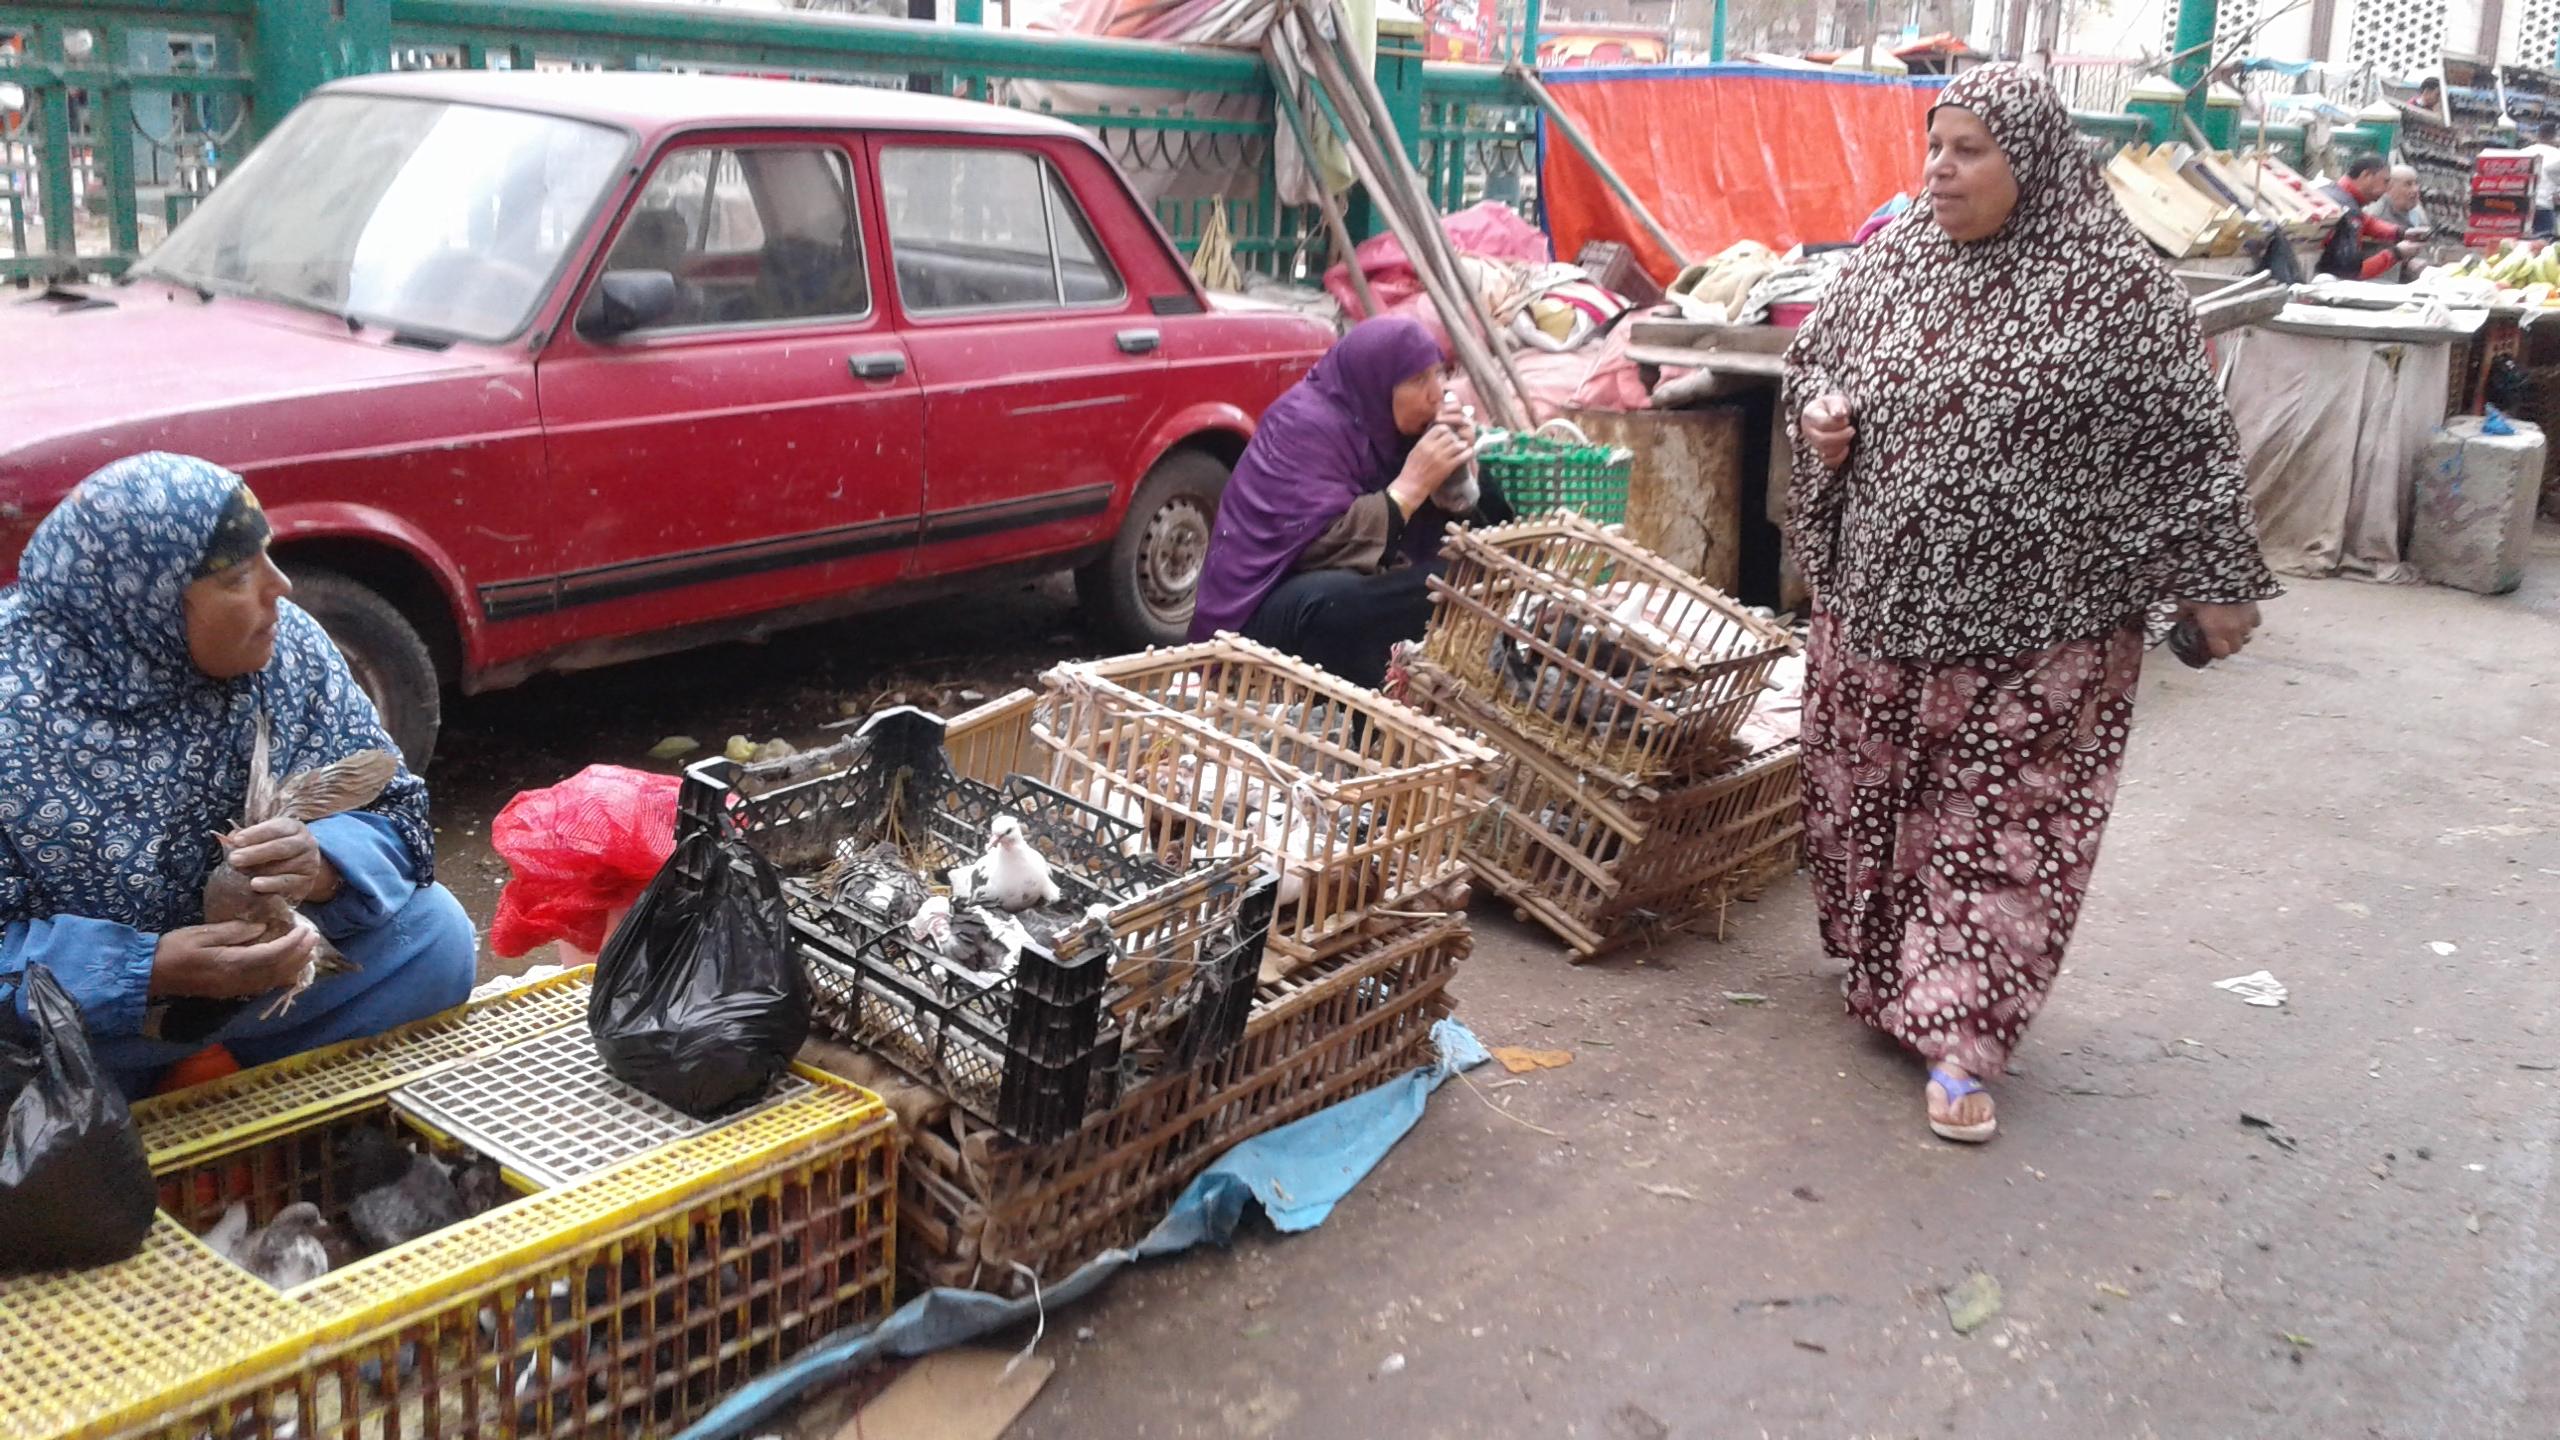 ذبح الطيور خارج المجازر ووسط الشوارع (2)